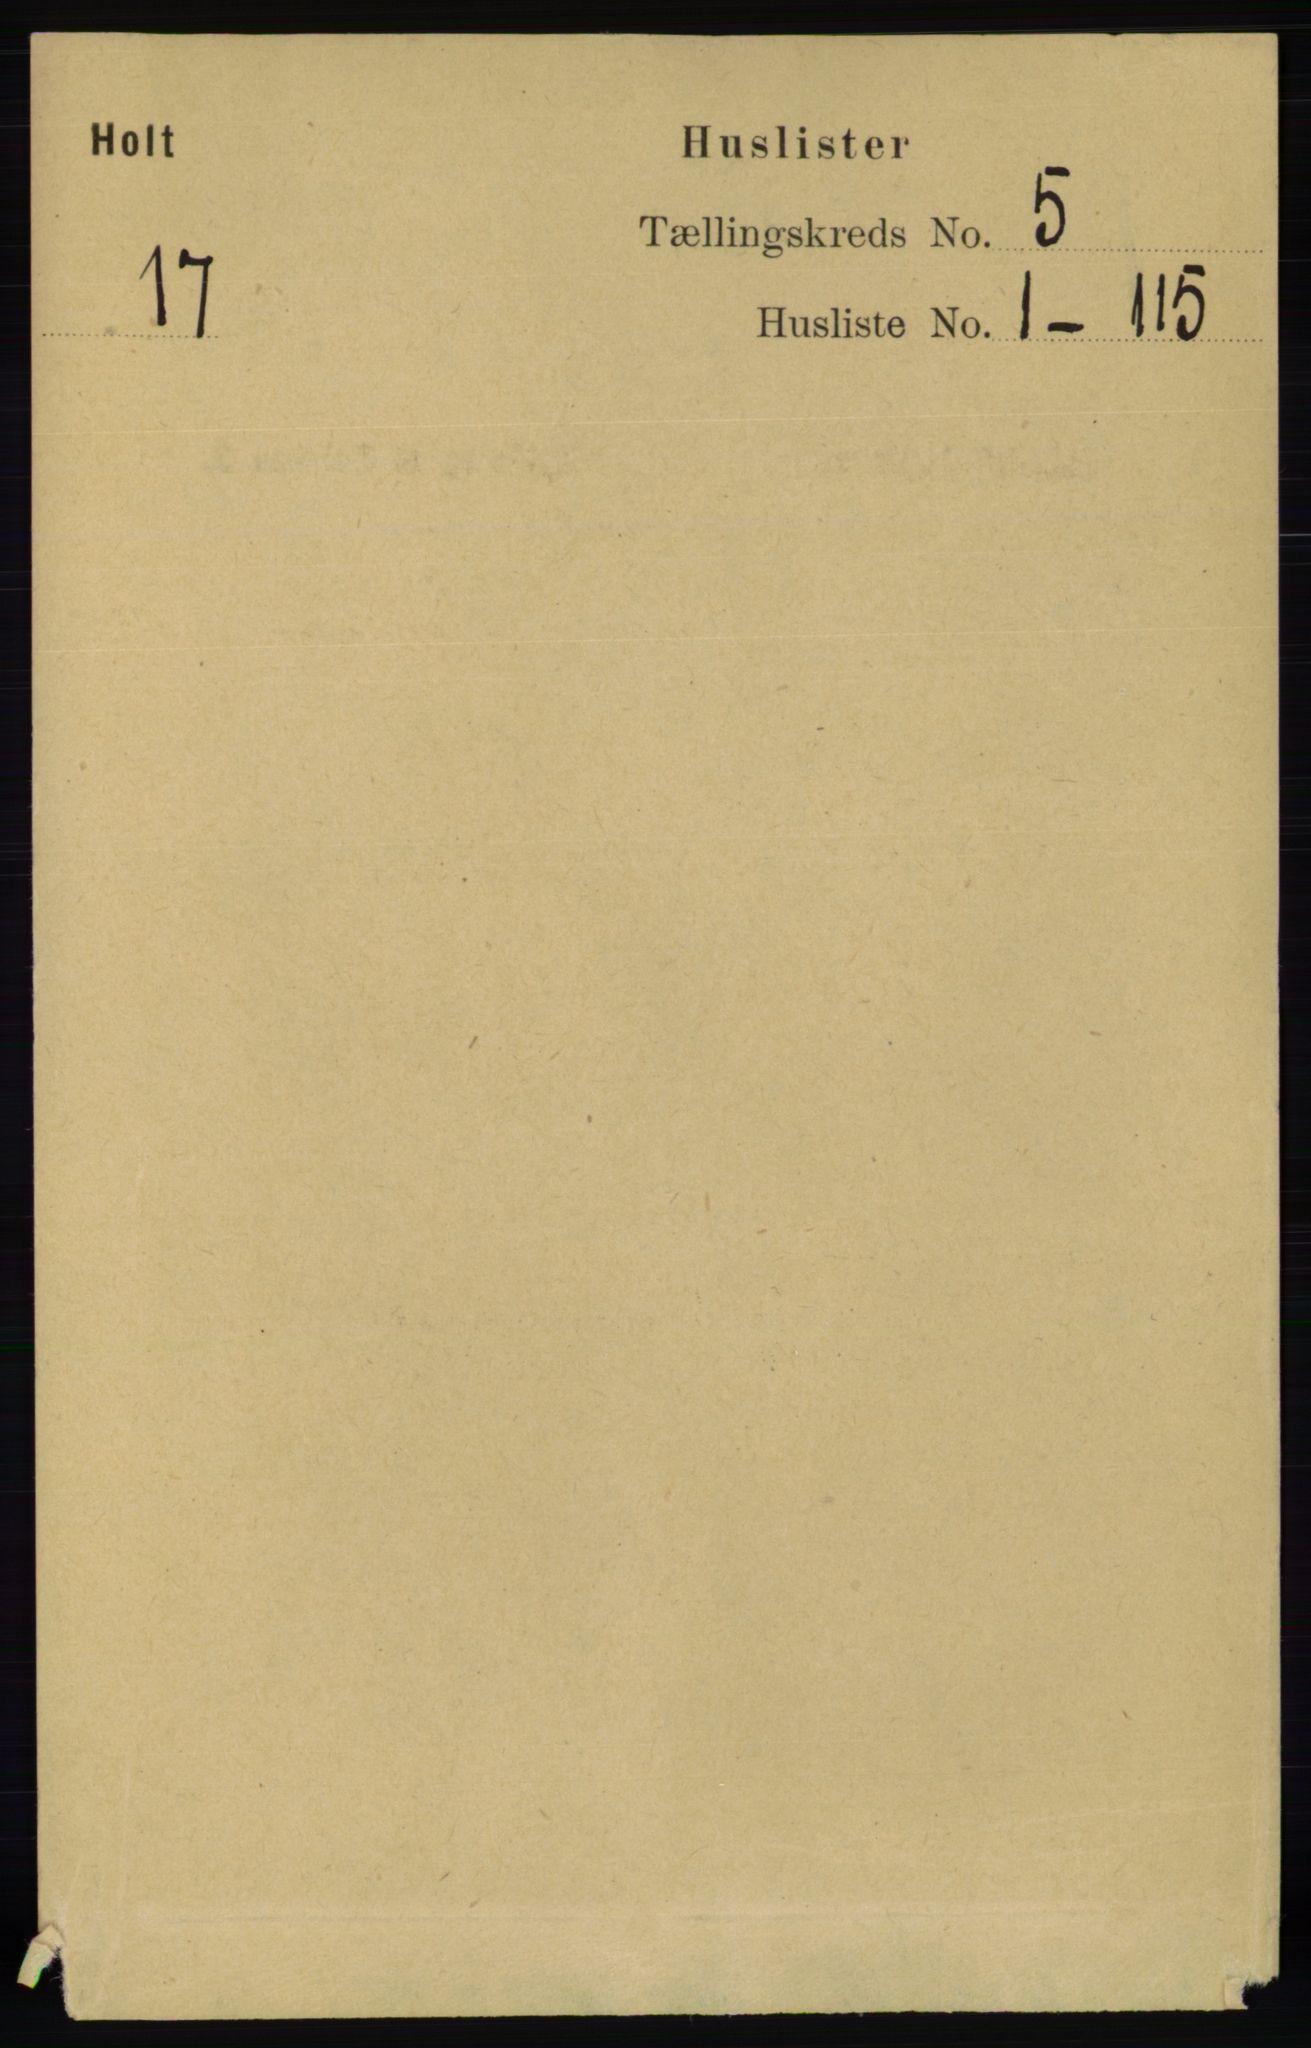 RA, Folketelling 1891 for 0914 Holt herred, 1891, s. 2214